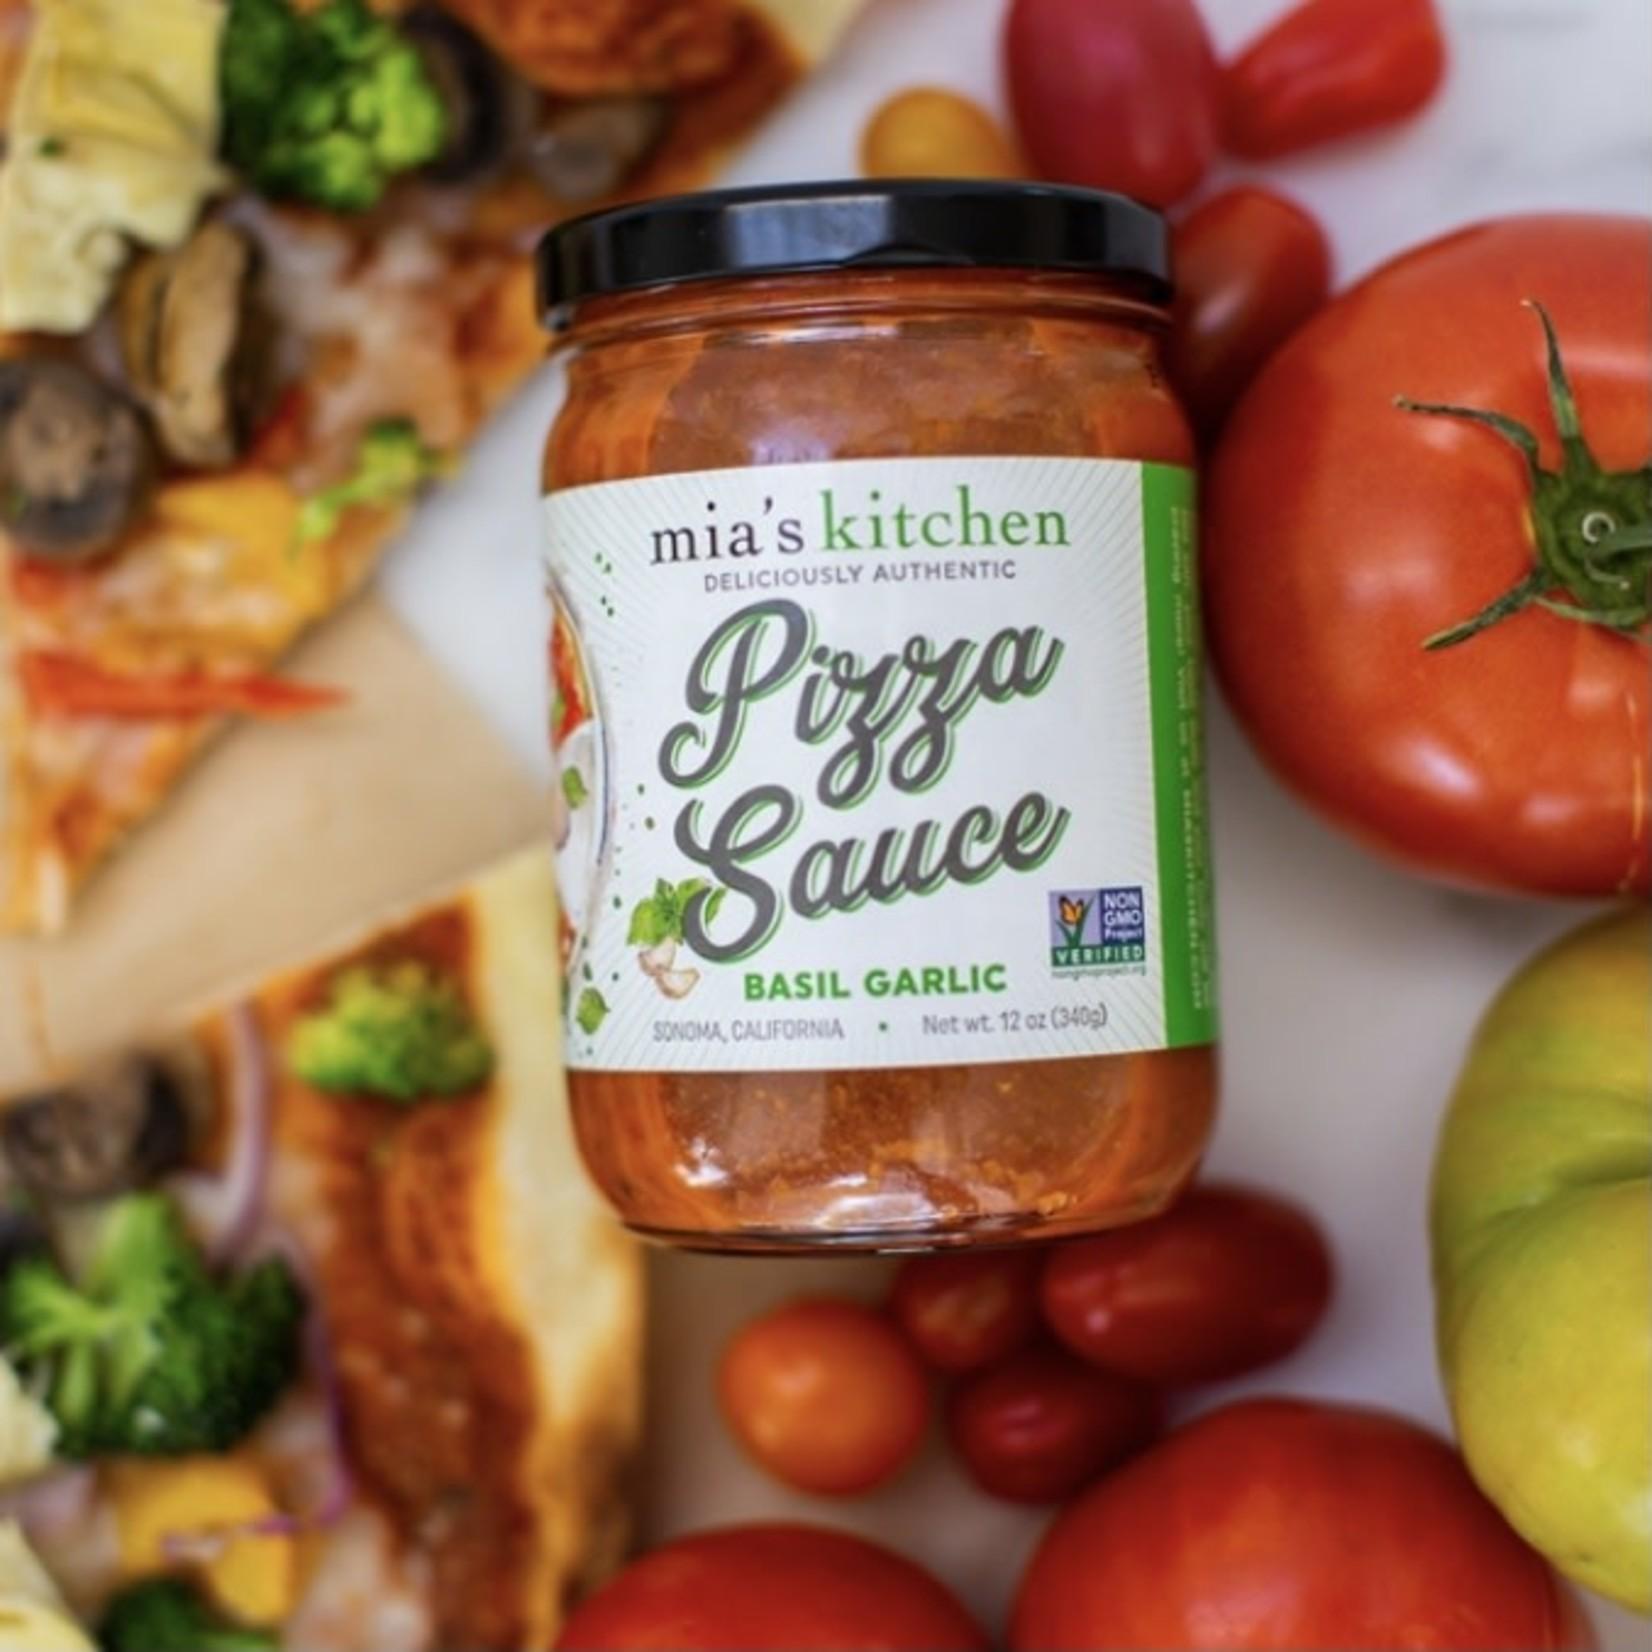 Mia's Kitchen Mia's Kitchen Basil Garlic Pizza Sauce 340ml